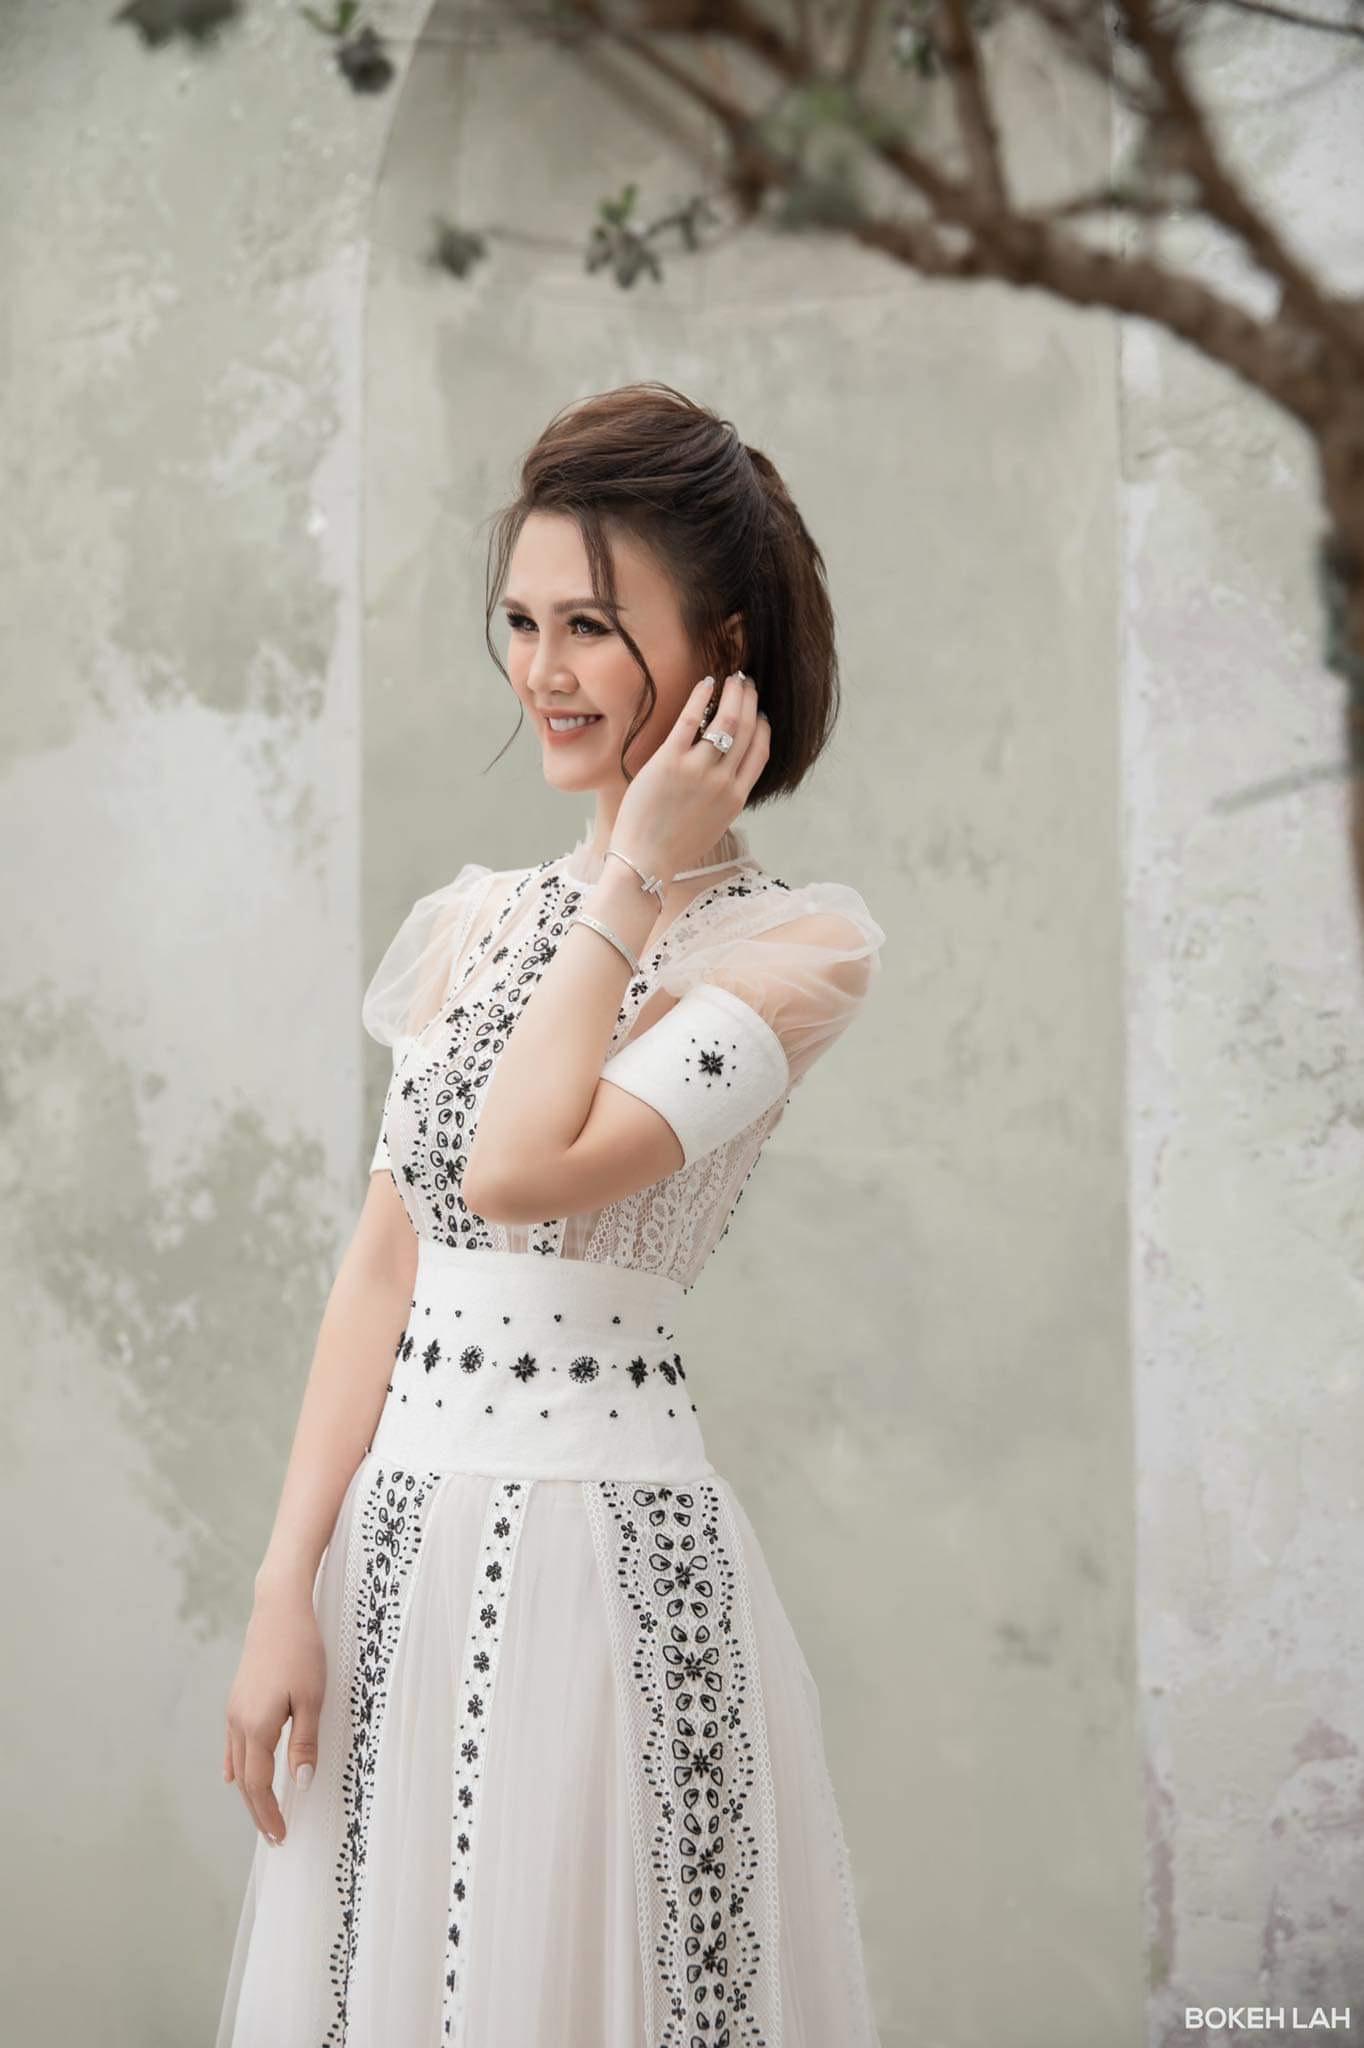 """Nguyễn Ngọc Ánh: """"Nếu như không thành công trong ngành thời trang thì không một ngành nghề nào phù hợp hơn với tôi nữa"""" - Ảnh 3"""